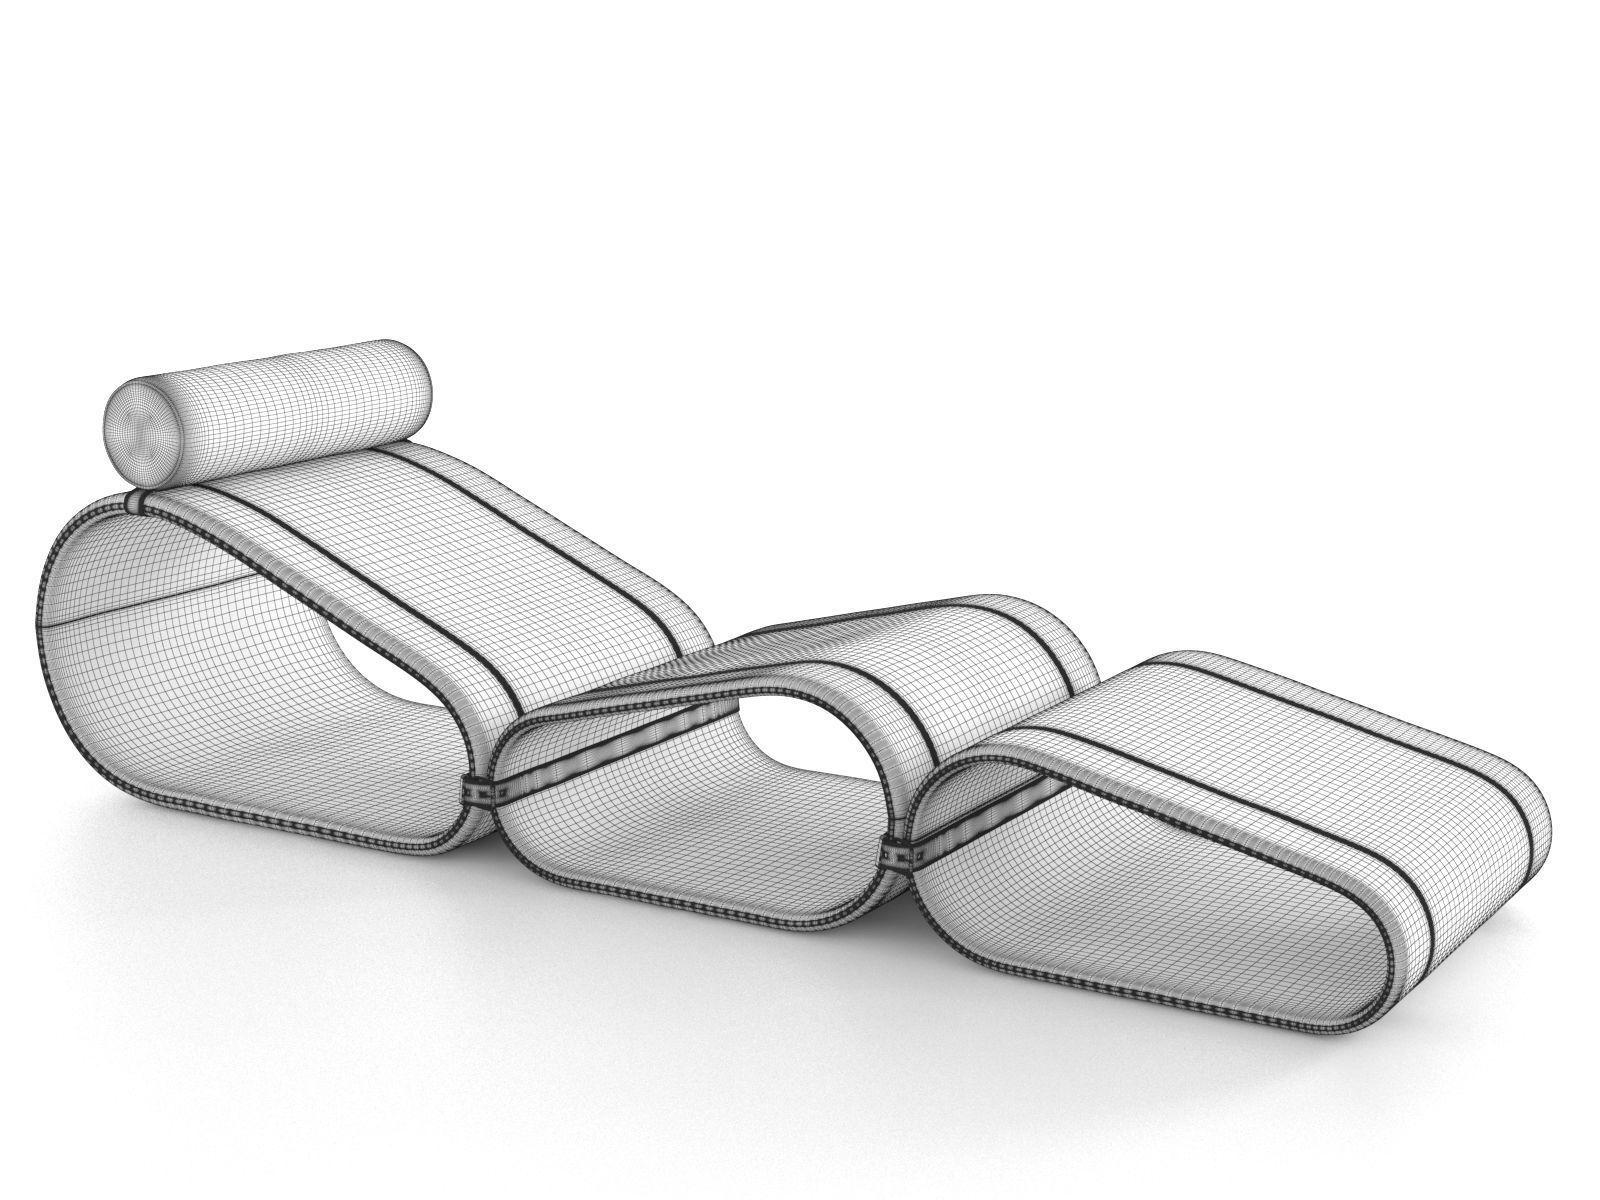 Chaise Longue By Marcel Wanders For Louis Vuitton 3d Model Max Obj C4d 6